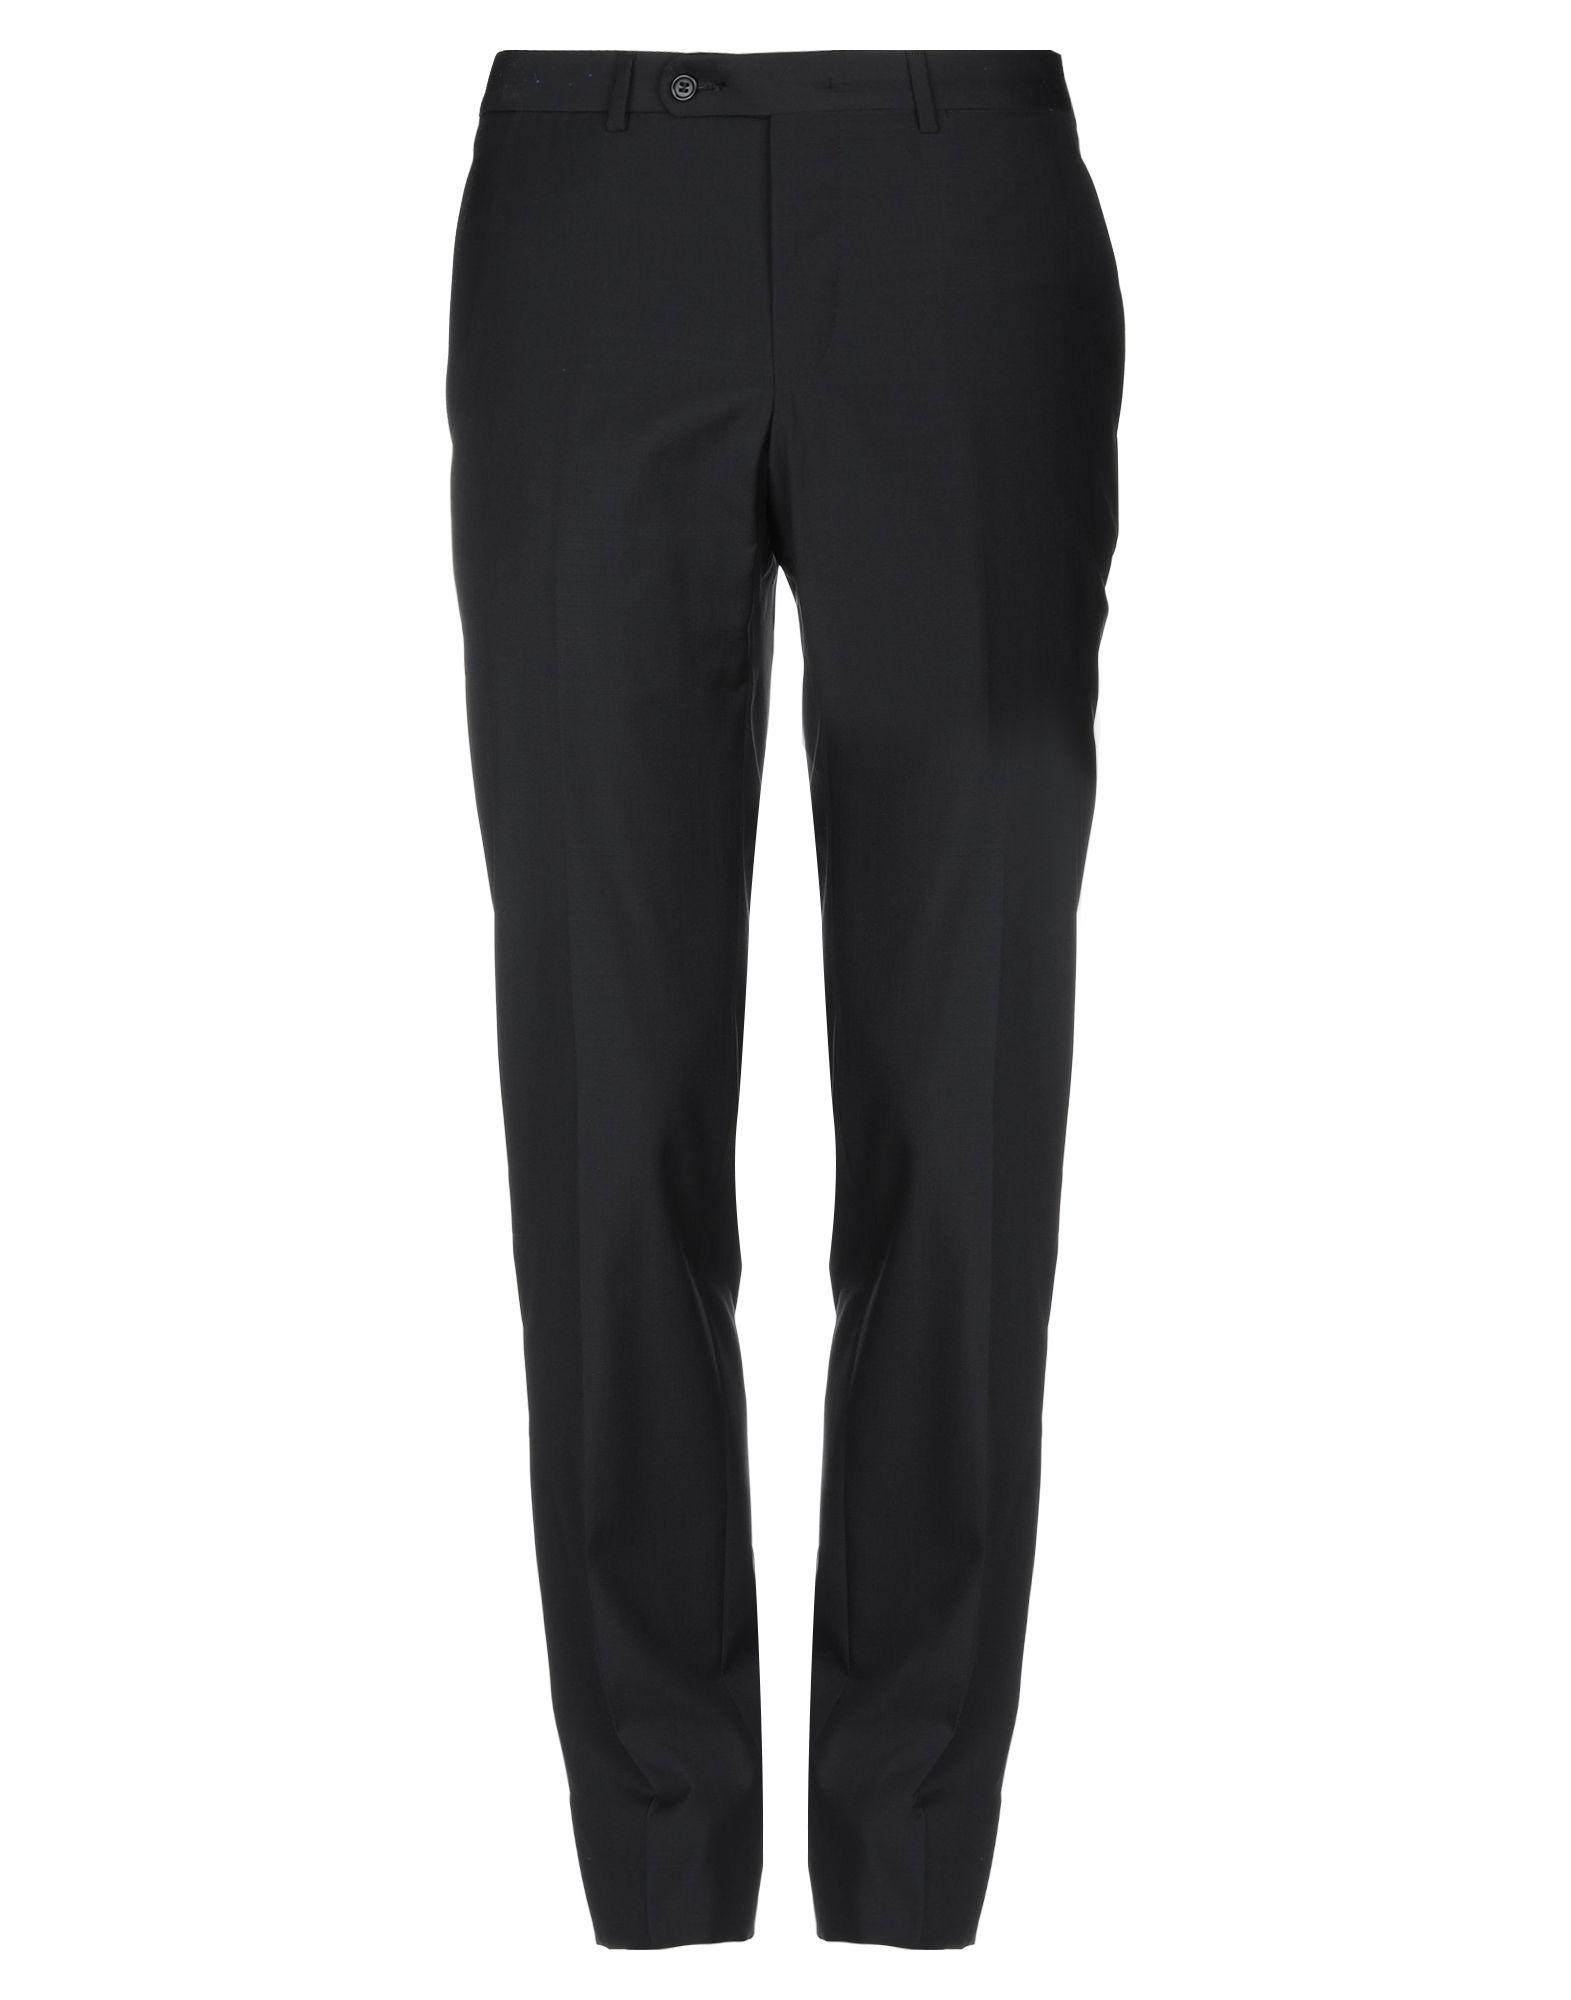 《送料無料》SARTORIA CASTANGIA メンズ パンツ ブラック 48 ウール 95% / シルク 5%